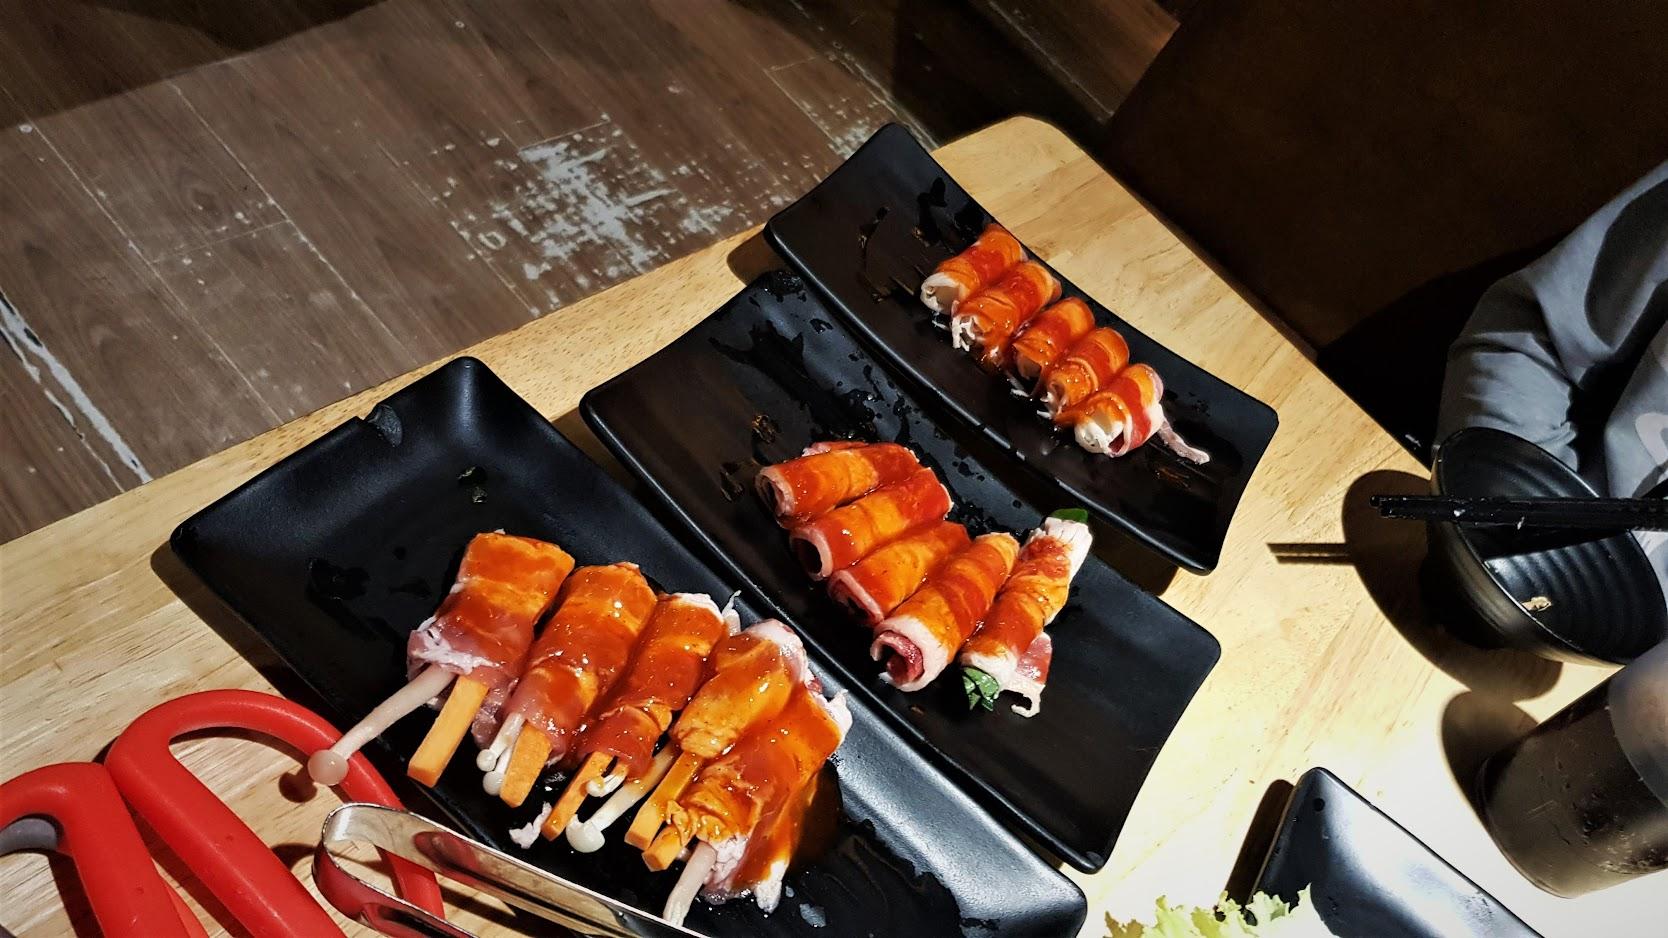 Review khu ăn uống tại Vincom Plaza ở Hải Phòng 5